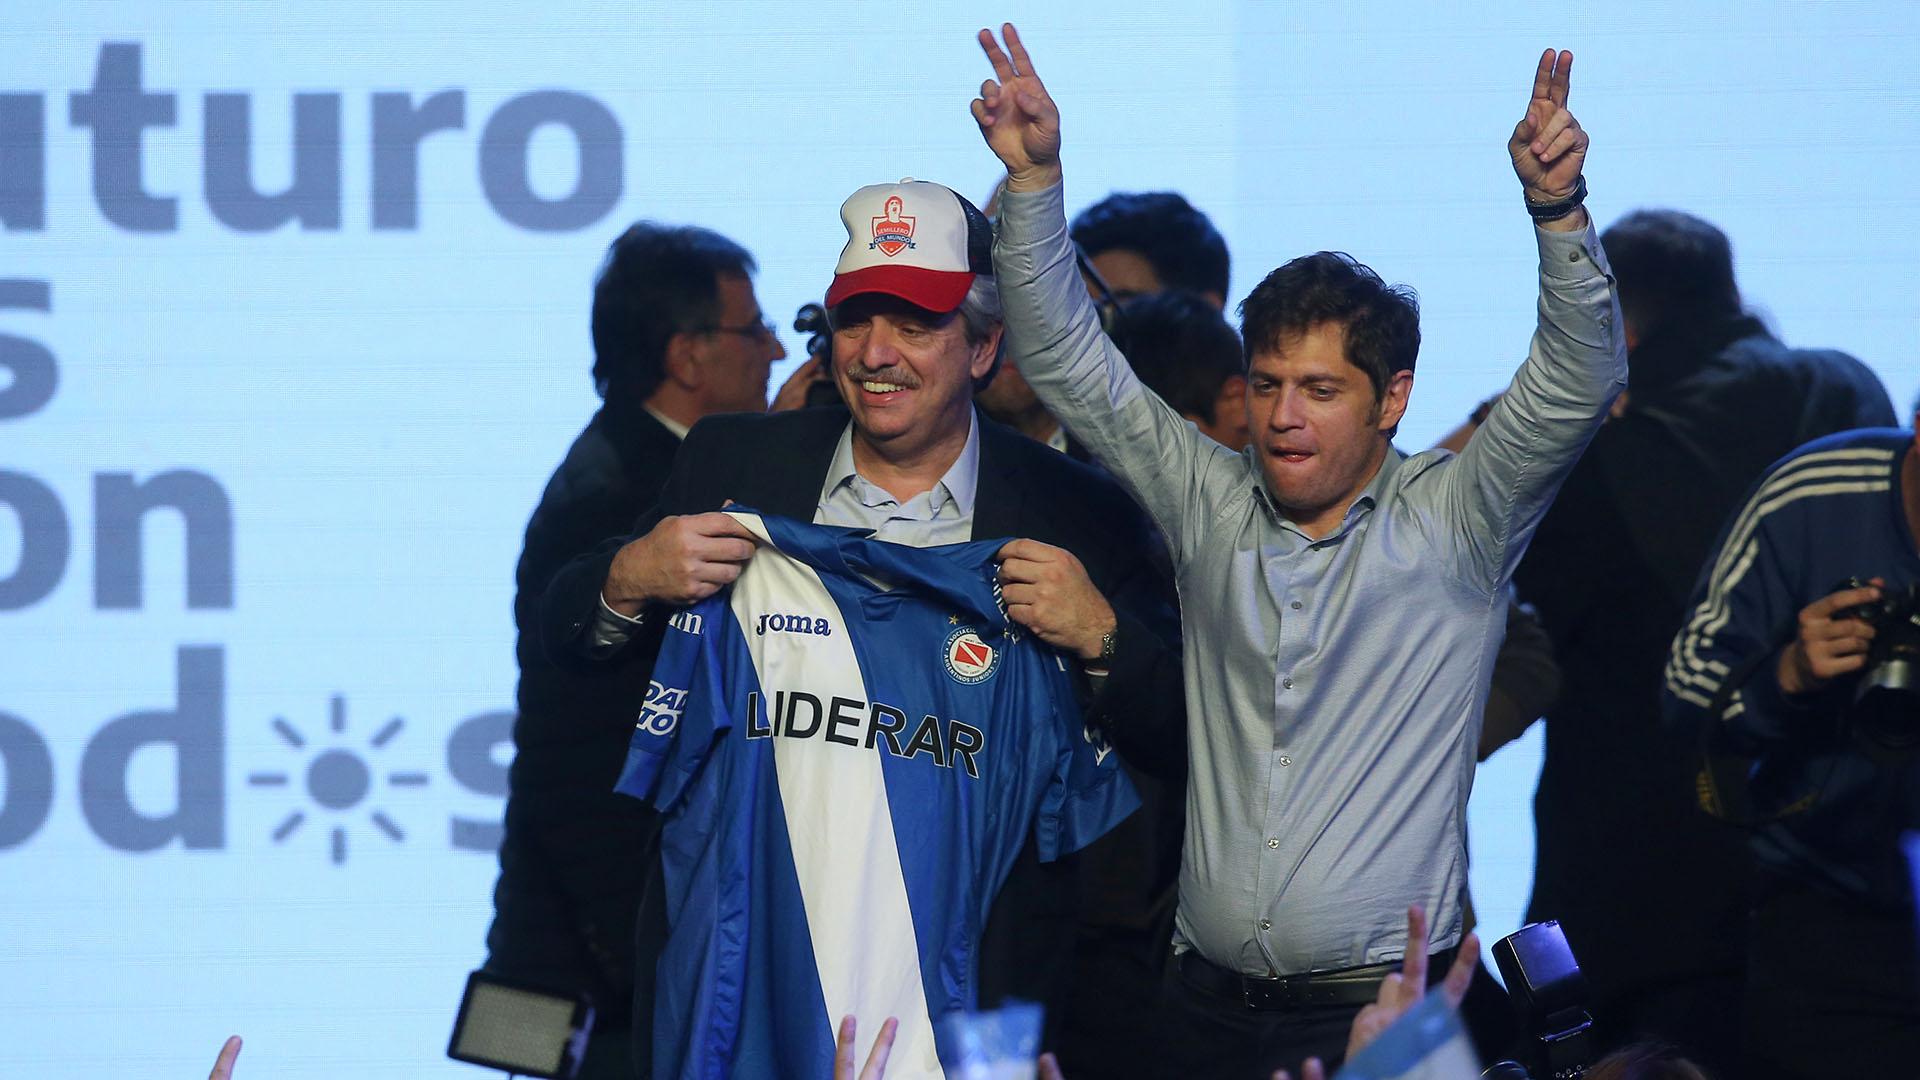 Alberto Fernández, con la camiseta de Argentinos Jrs., y Axel Kicillof, los dos grandes ganadores de las PASO 2019(REUTERS/Agustin Marcarian)